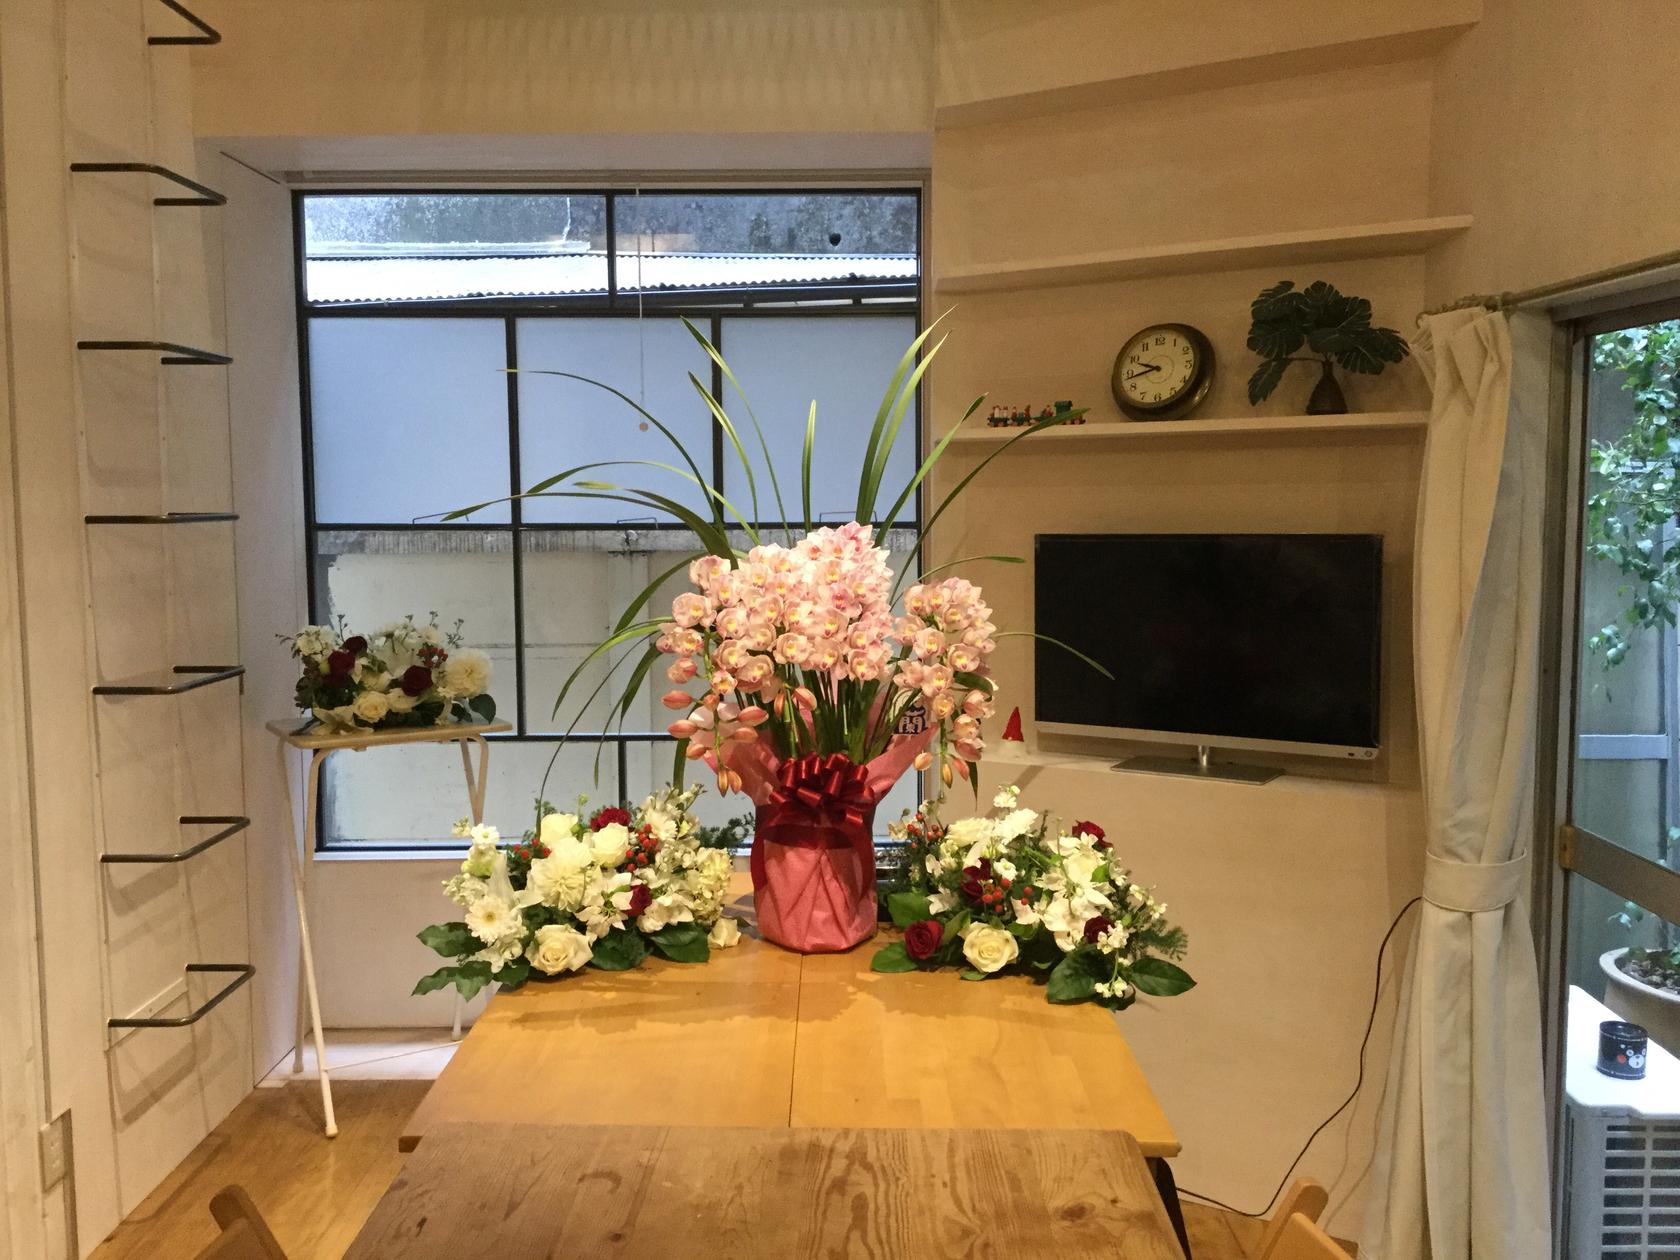 市ヶ谷  四ツ谷Tokyo Candlehouse 隠れ家ゲストハウス リビングルーム(TOKYO CANDLEHOUSE) の写真0